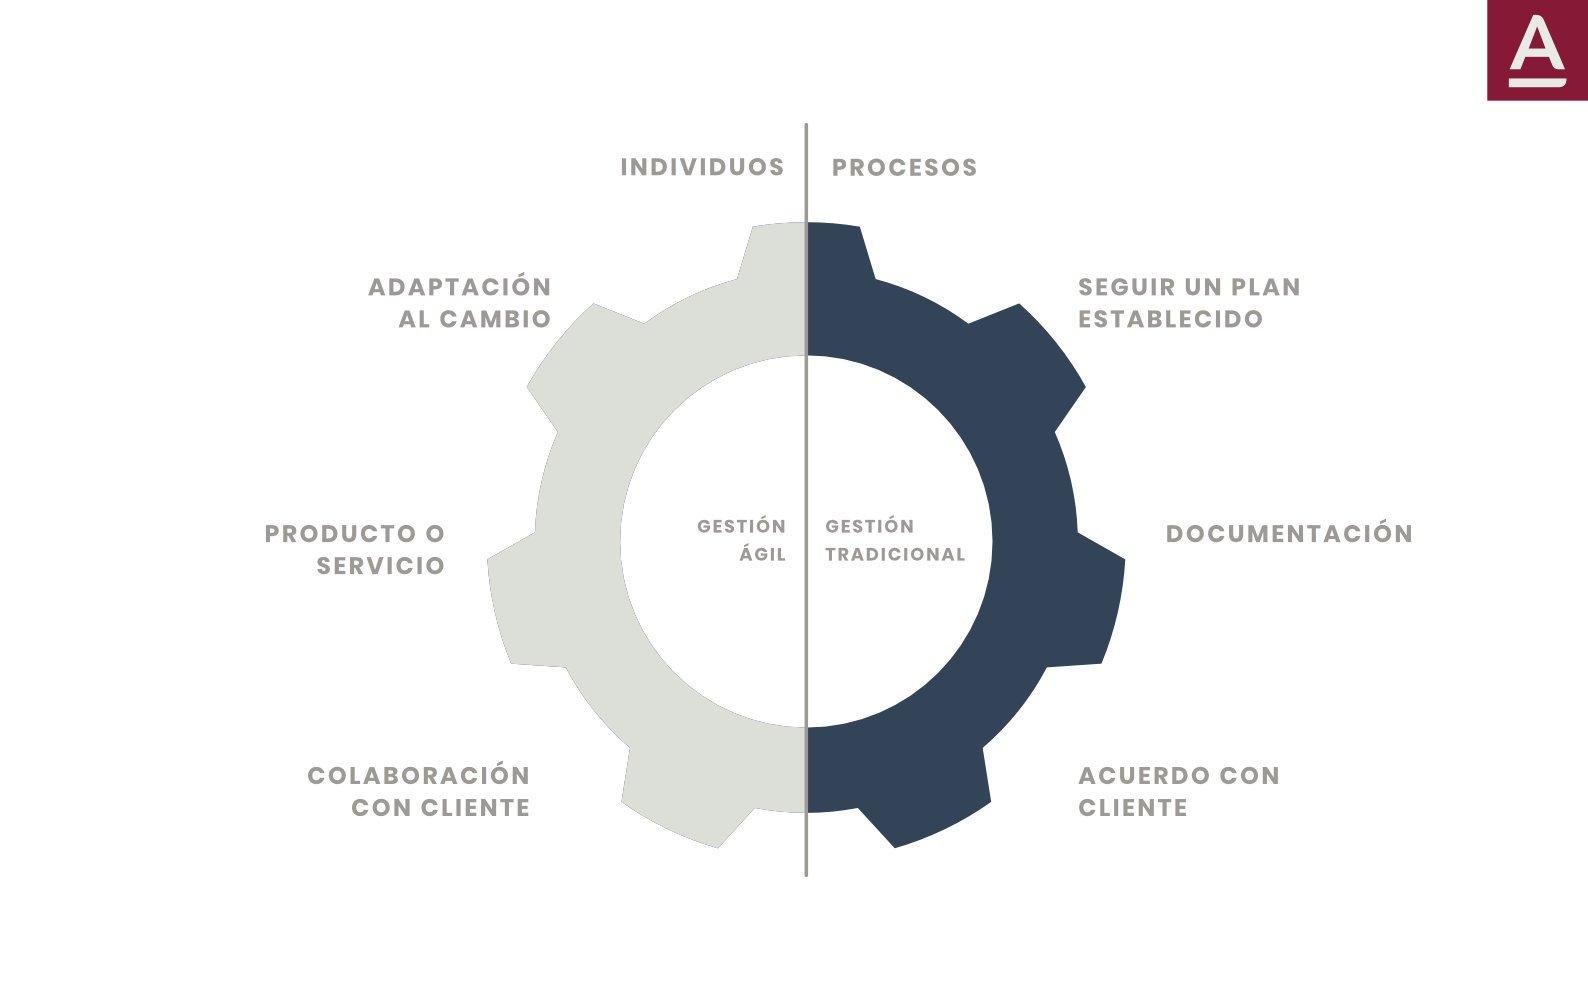 comparación entre gestión ágil  y gestión tradicional